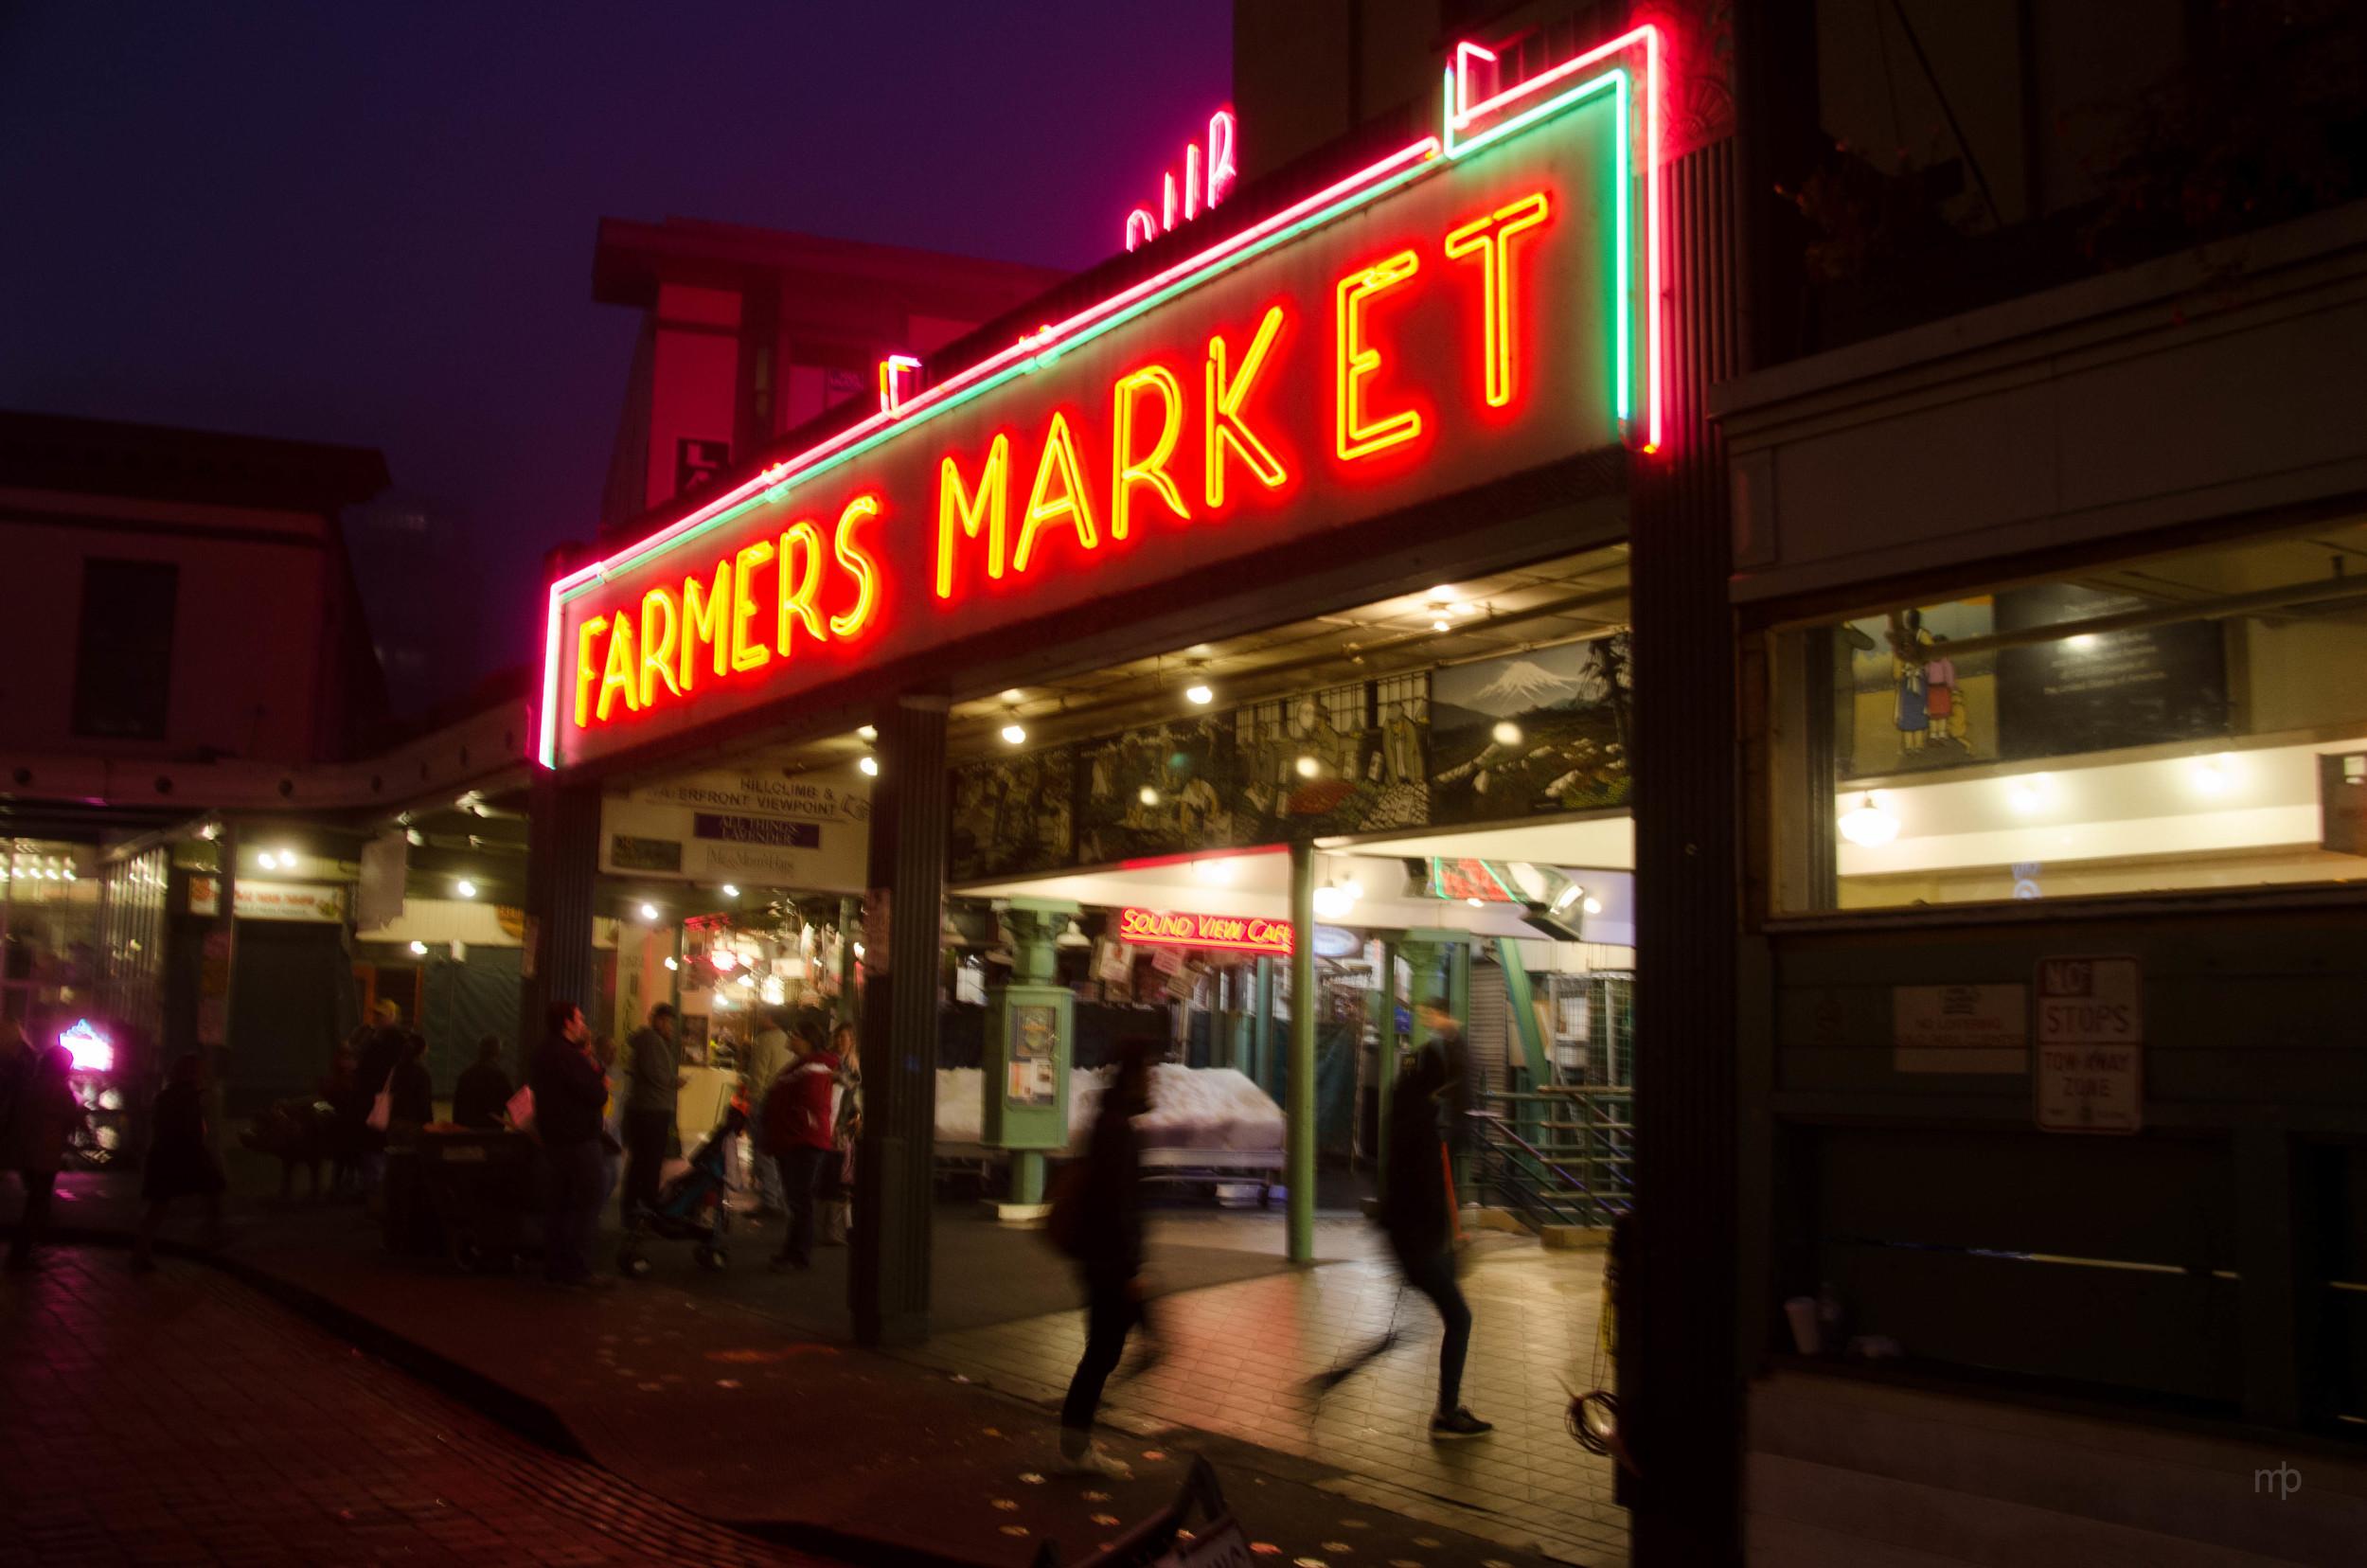 Farmers Market. The famous Pike's Place Market in Seattle, WA. Seattle 2013